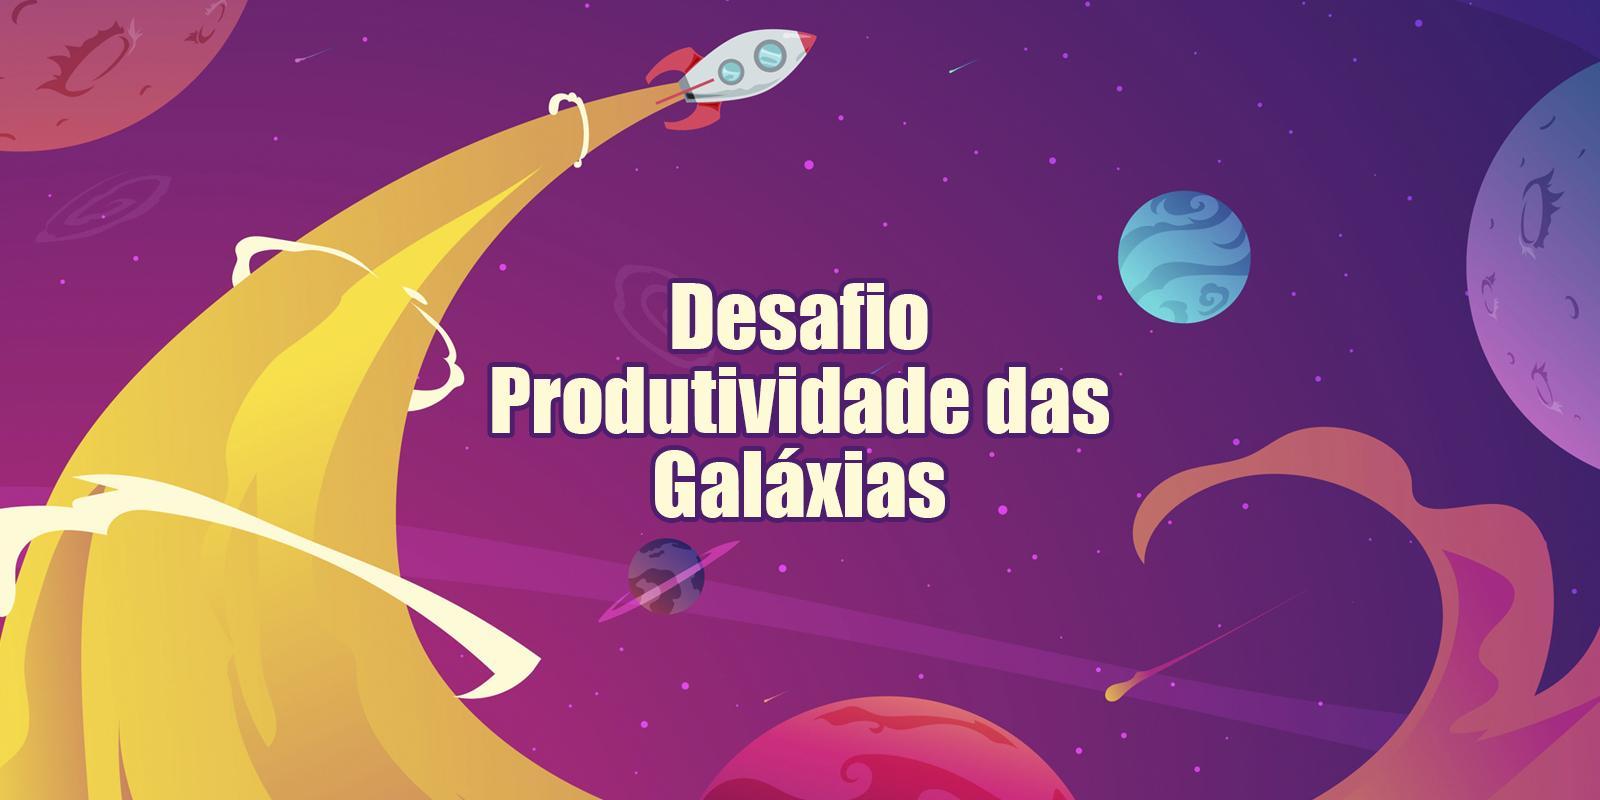 Desafio Produtividade das Galaxias